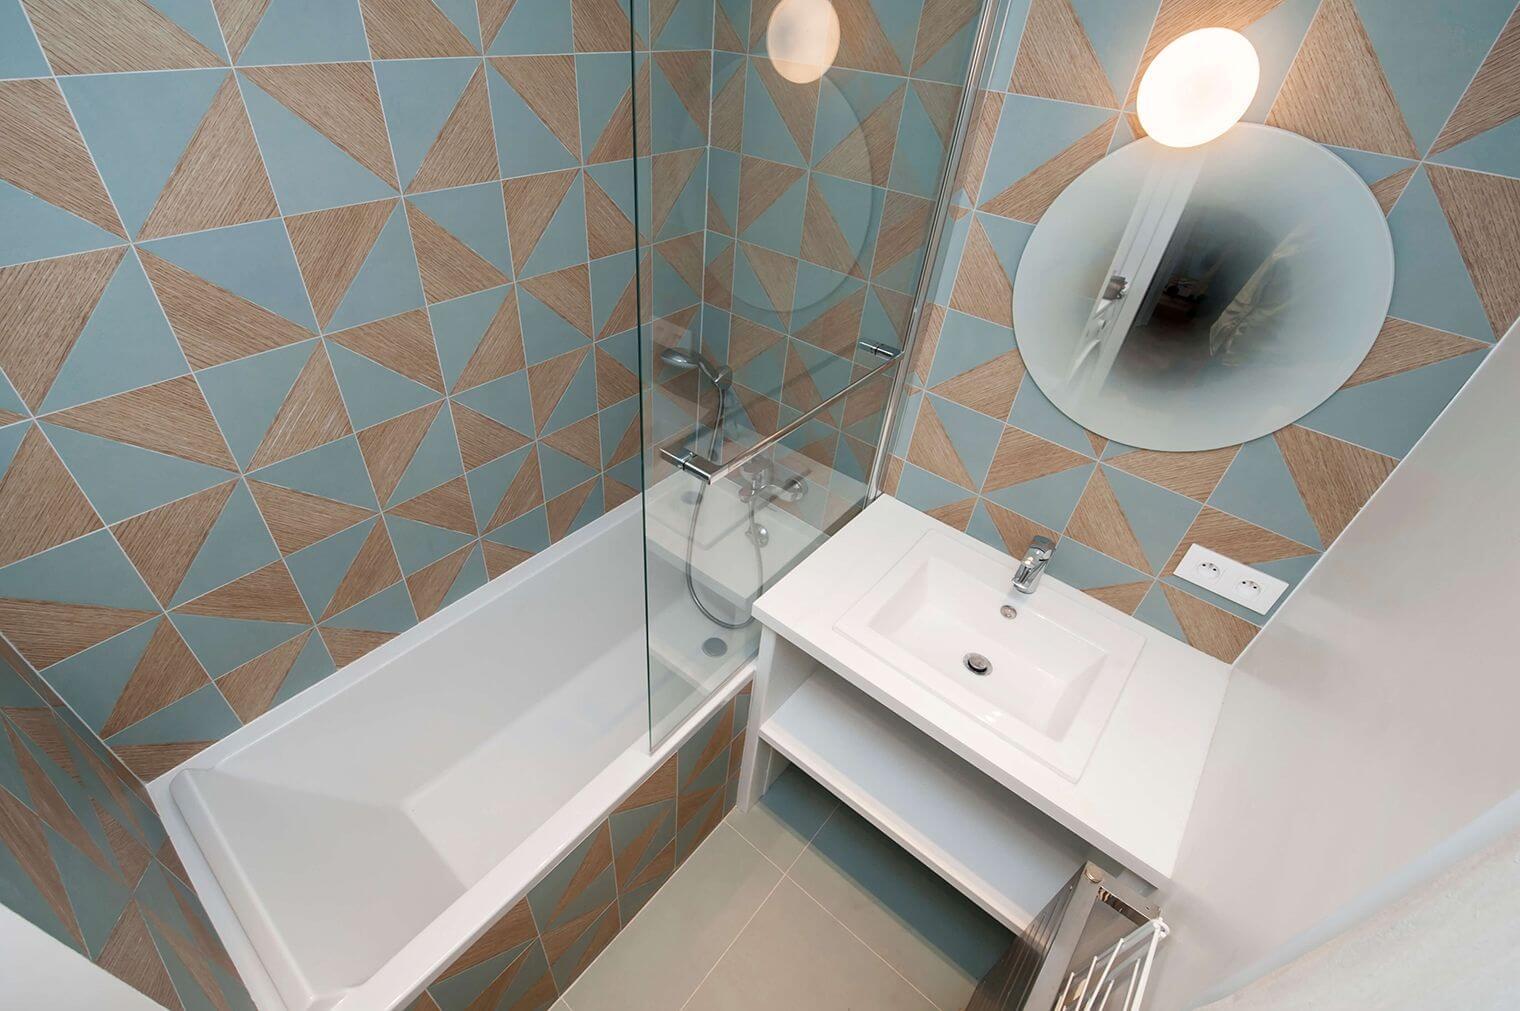 Rénovation petite salle de bain avec carrelage motifs